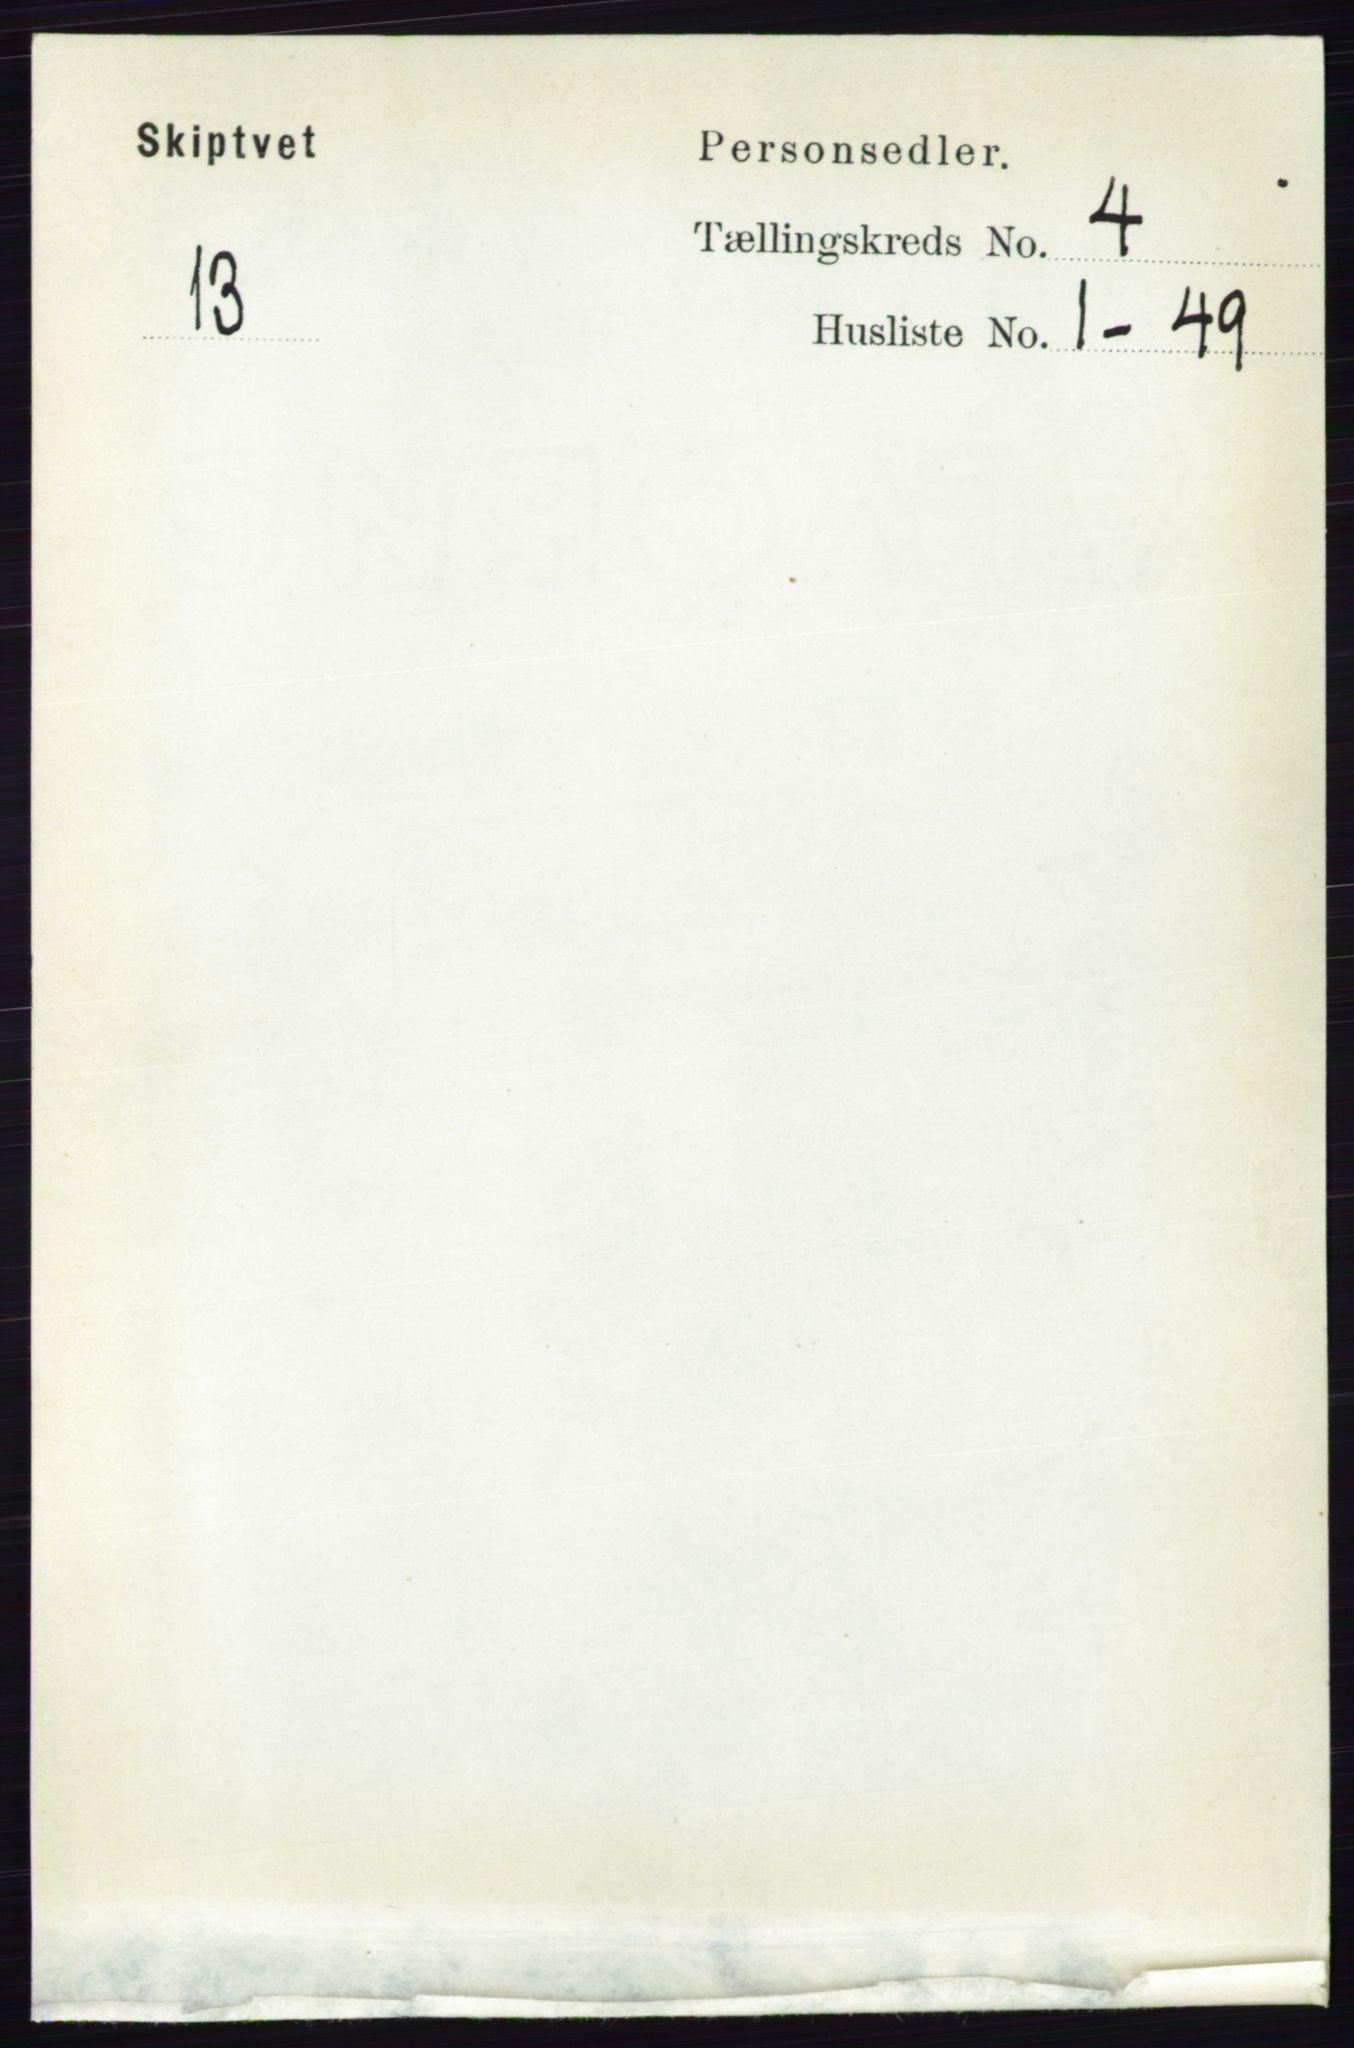 RA, Folketelling 1891 for 0127 Skiptvet herred, 1891, s. 1963